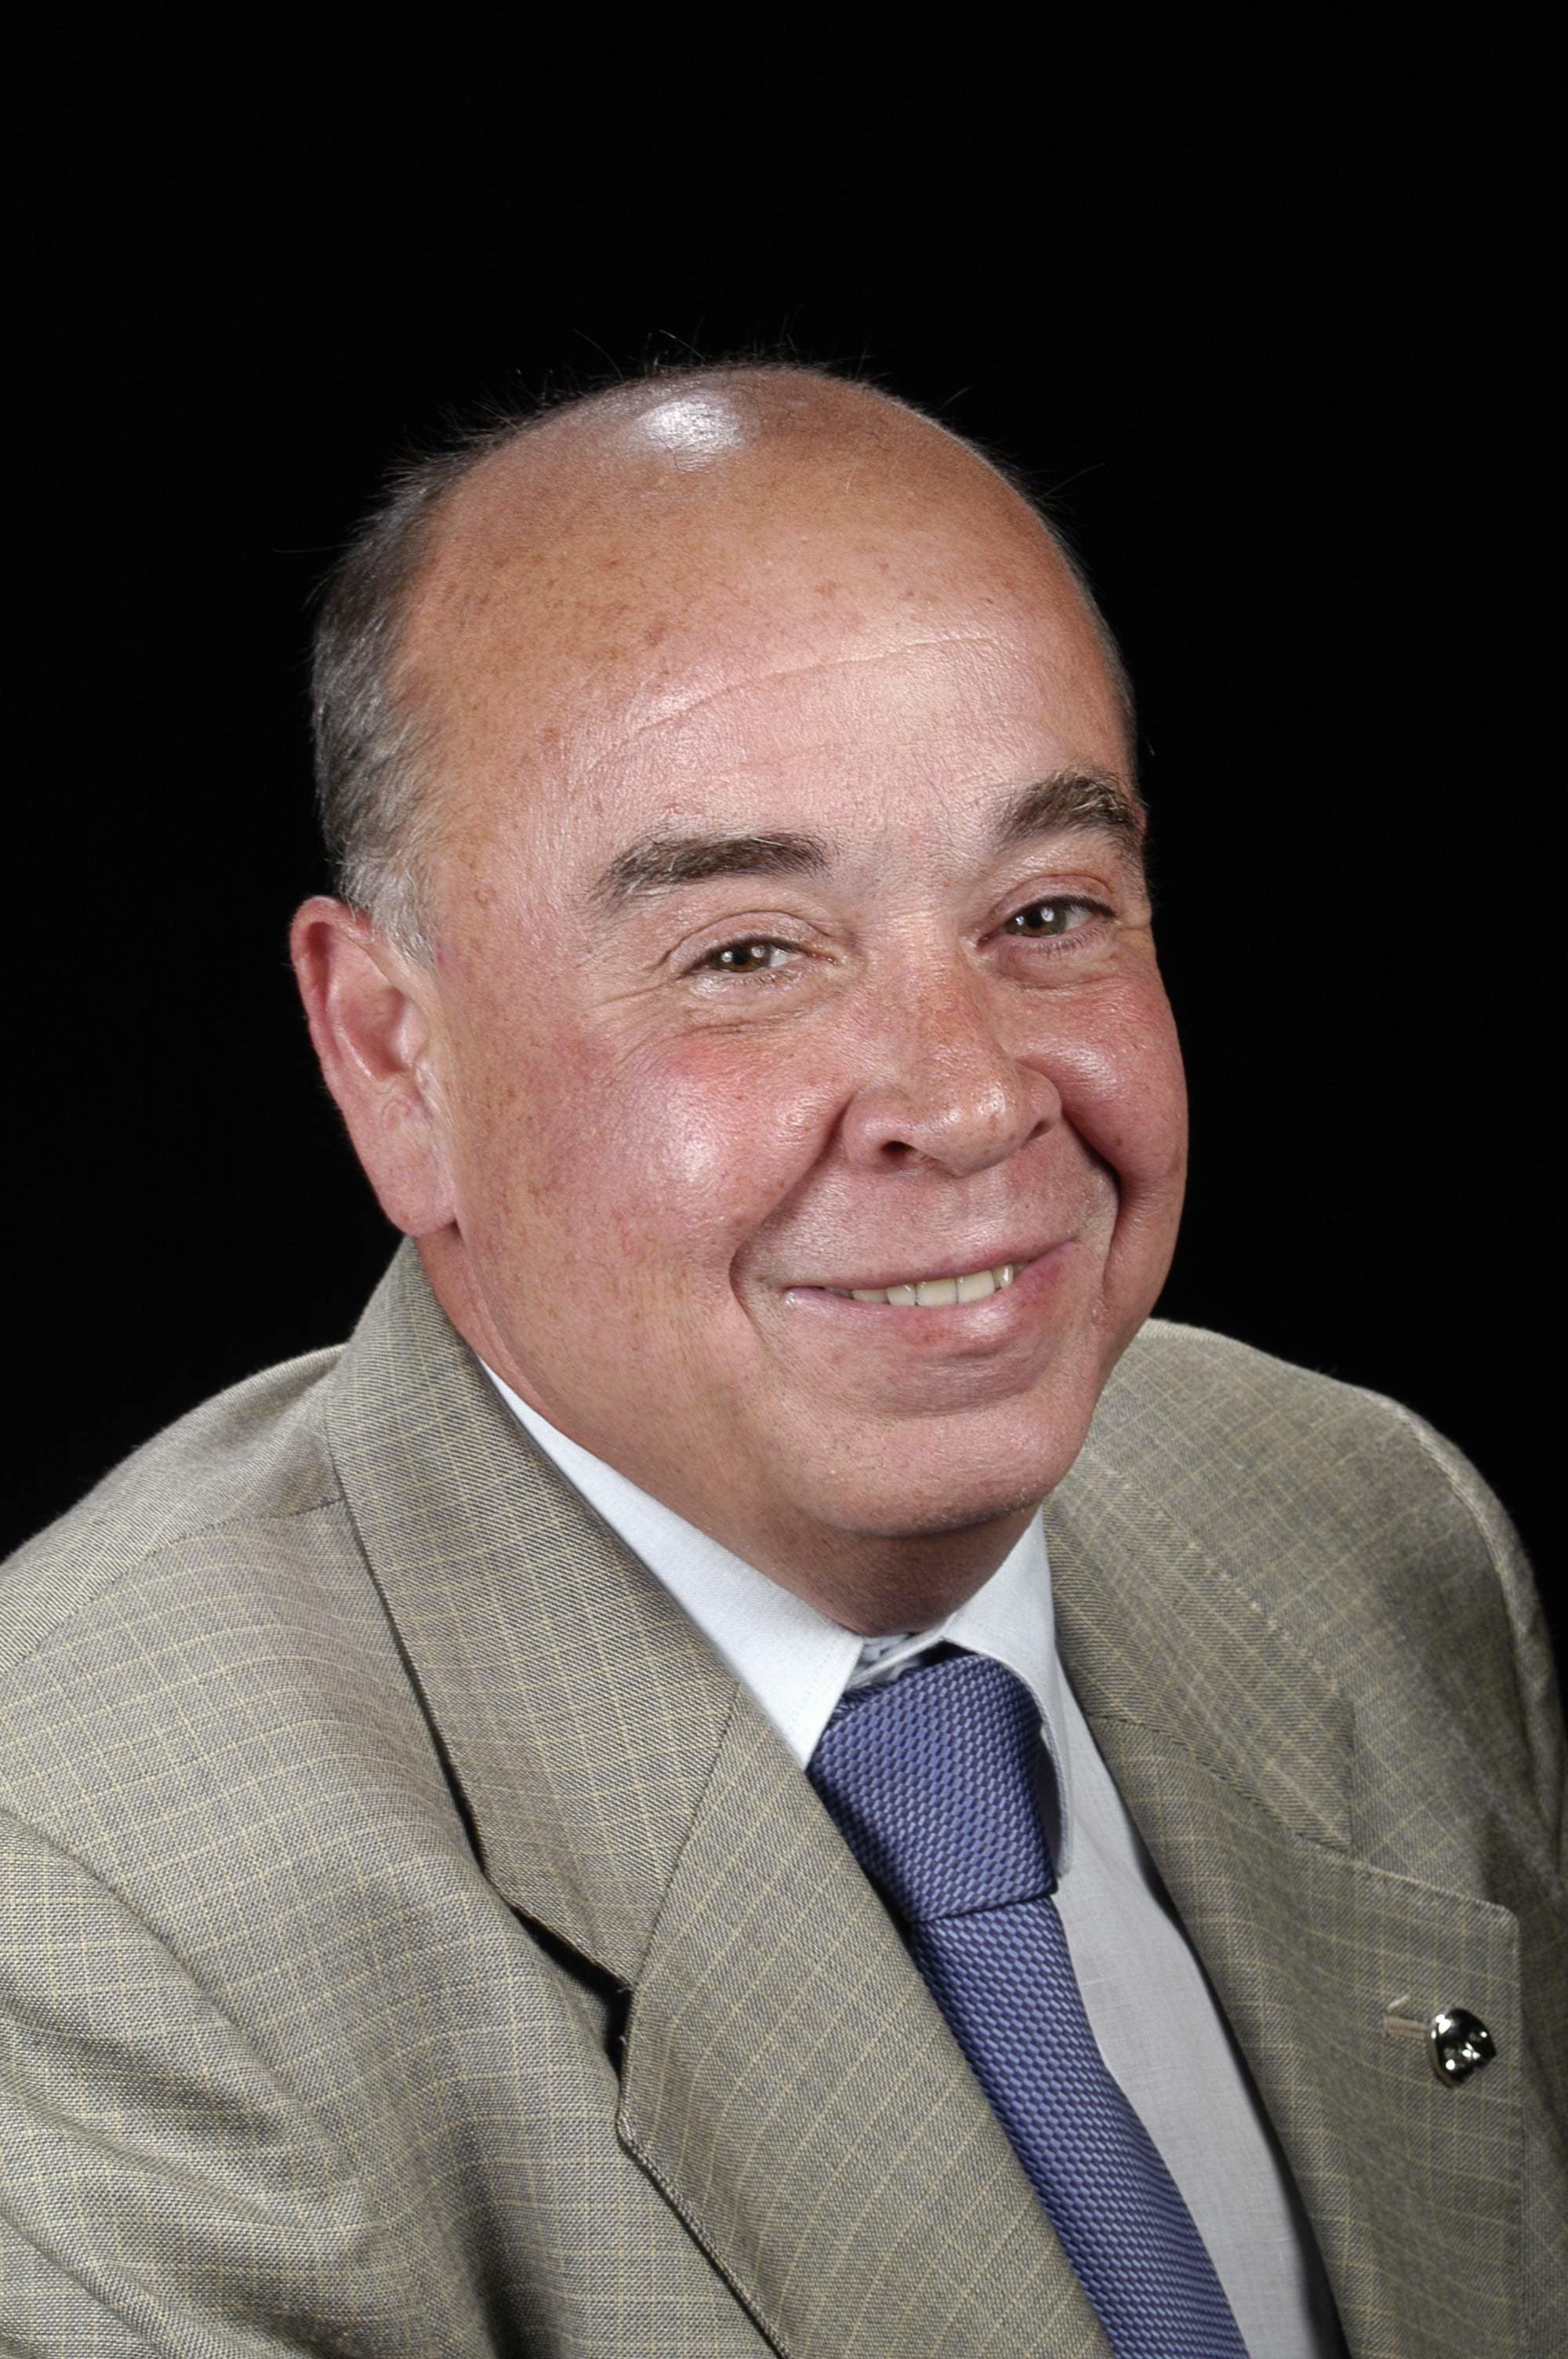 Dr. Josep M. Jou Turallas